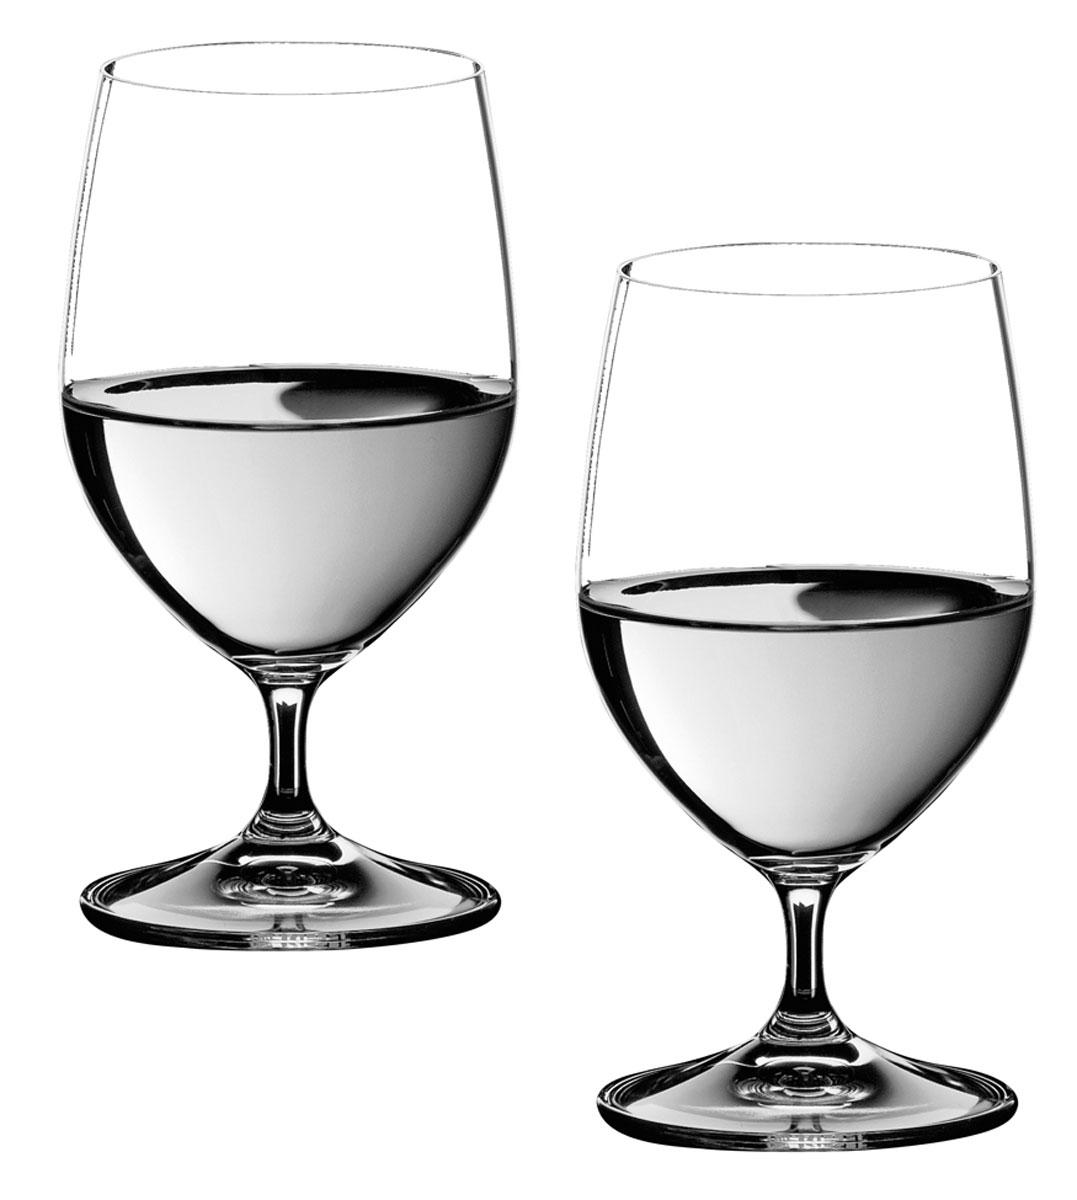 Набор бокалов Riedel Water, 350 мл, 2 штVT-1520(SR)Набор Riedel Water состоит из двух бокалов, выполненных из прочного стекла. Бокалы предназначены для подачи воды. Они сочетают в себе элегантный дизайн и функциональность. Благодаря такому набору пить напитки будет еще вкуснее.Набор бокалов Riedel Water прекрасно оформит праздничный стол и создаст приятную атмосферу за романтическим ужином. Такой набор также станет хорошим подарком к любому случаю. Можно мыть в посудомоечной машине.Диаметр бокала (по верхнему краю): 6,5 см. Высота бокала: 14,5 см.